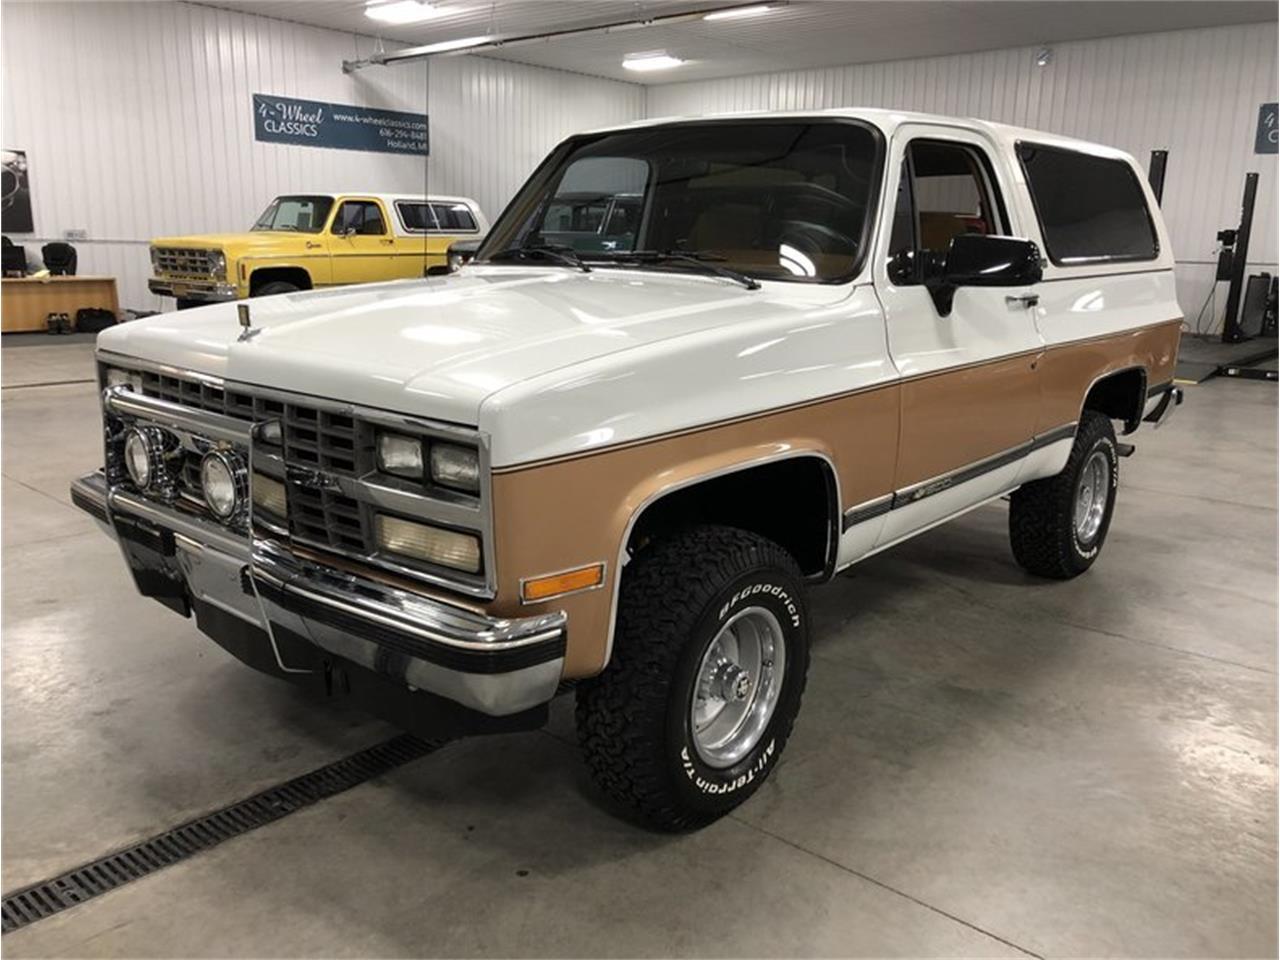 1990 Chevrolet Blazer For Sale Classiccars Com Cc 1063249